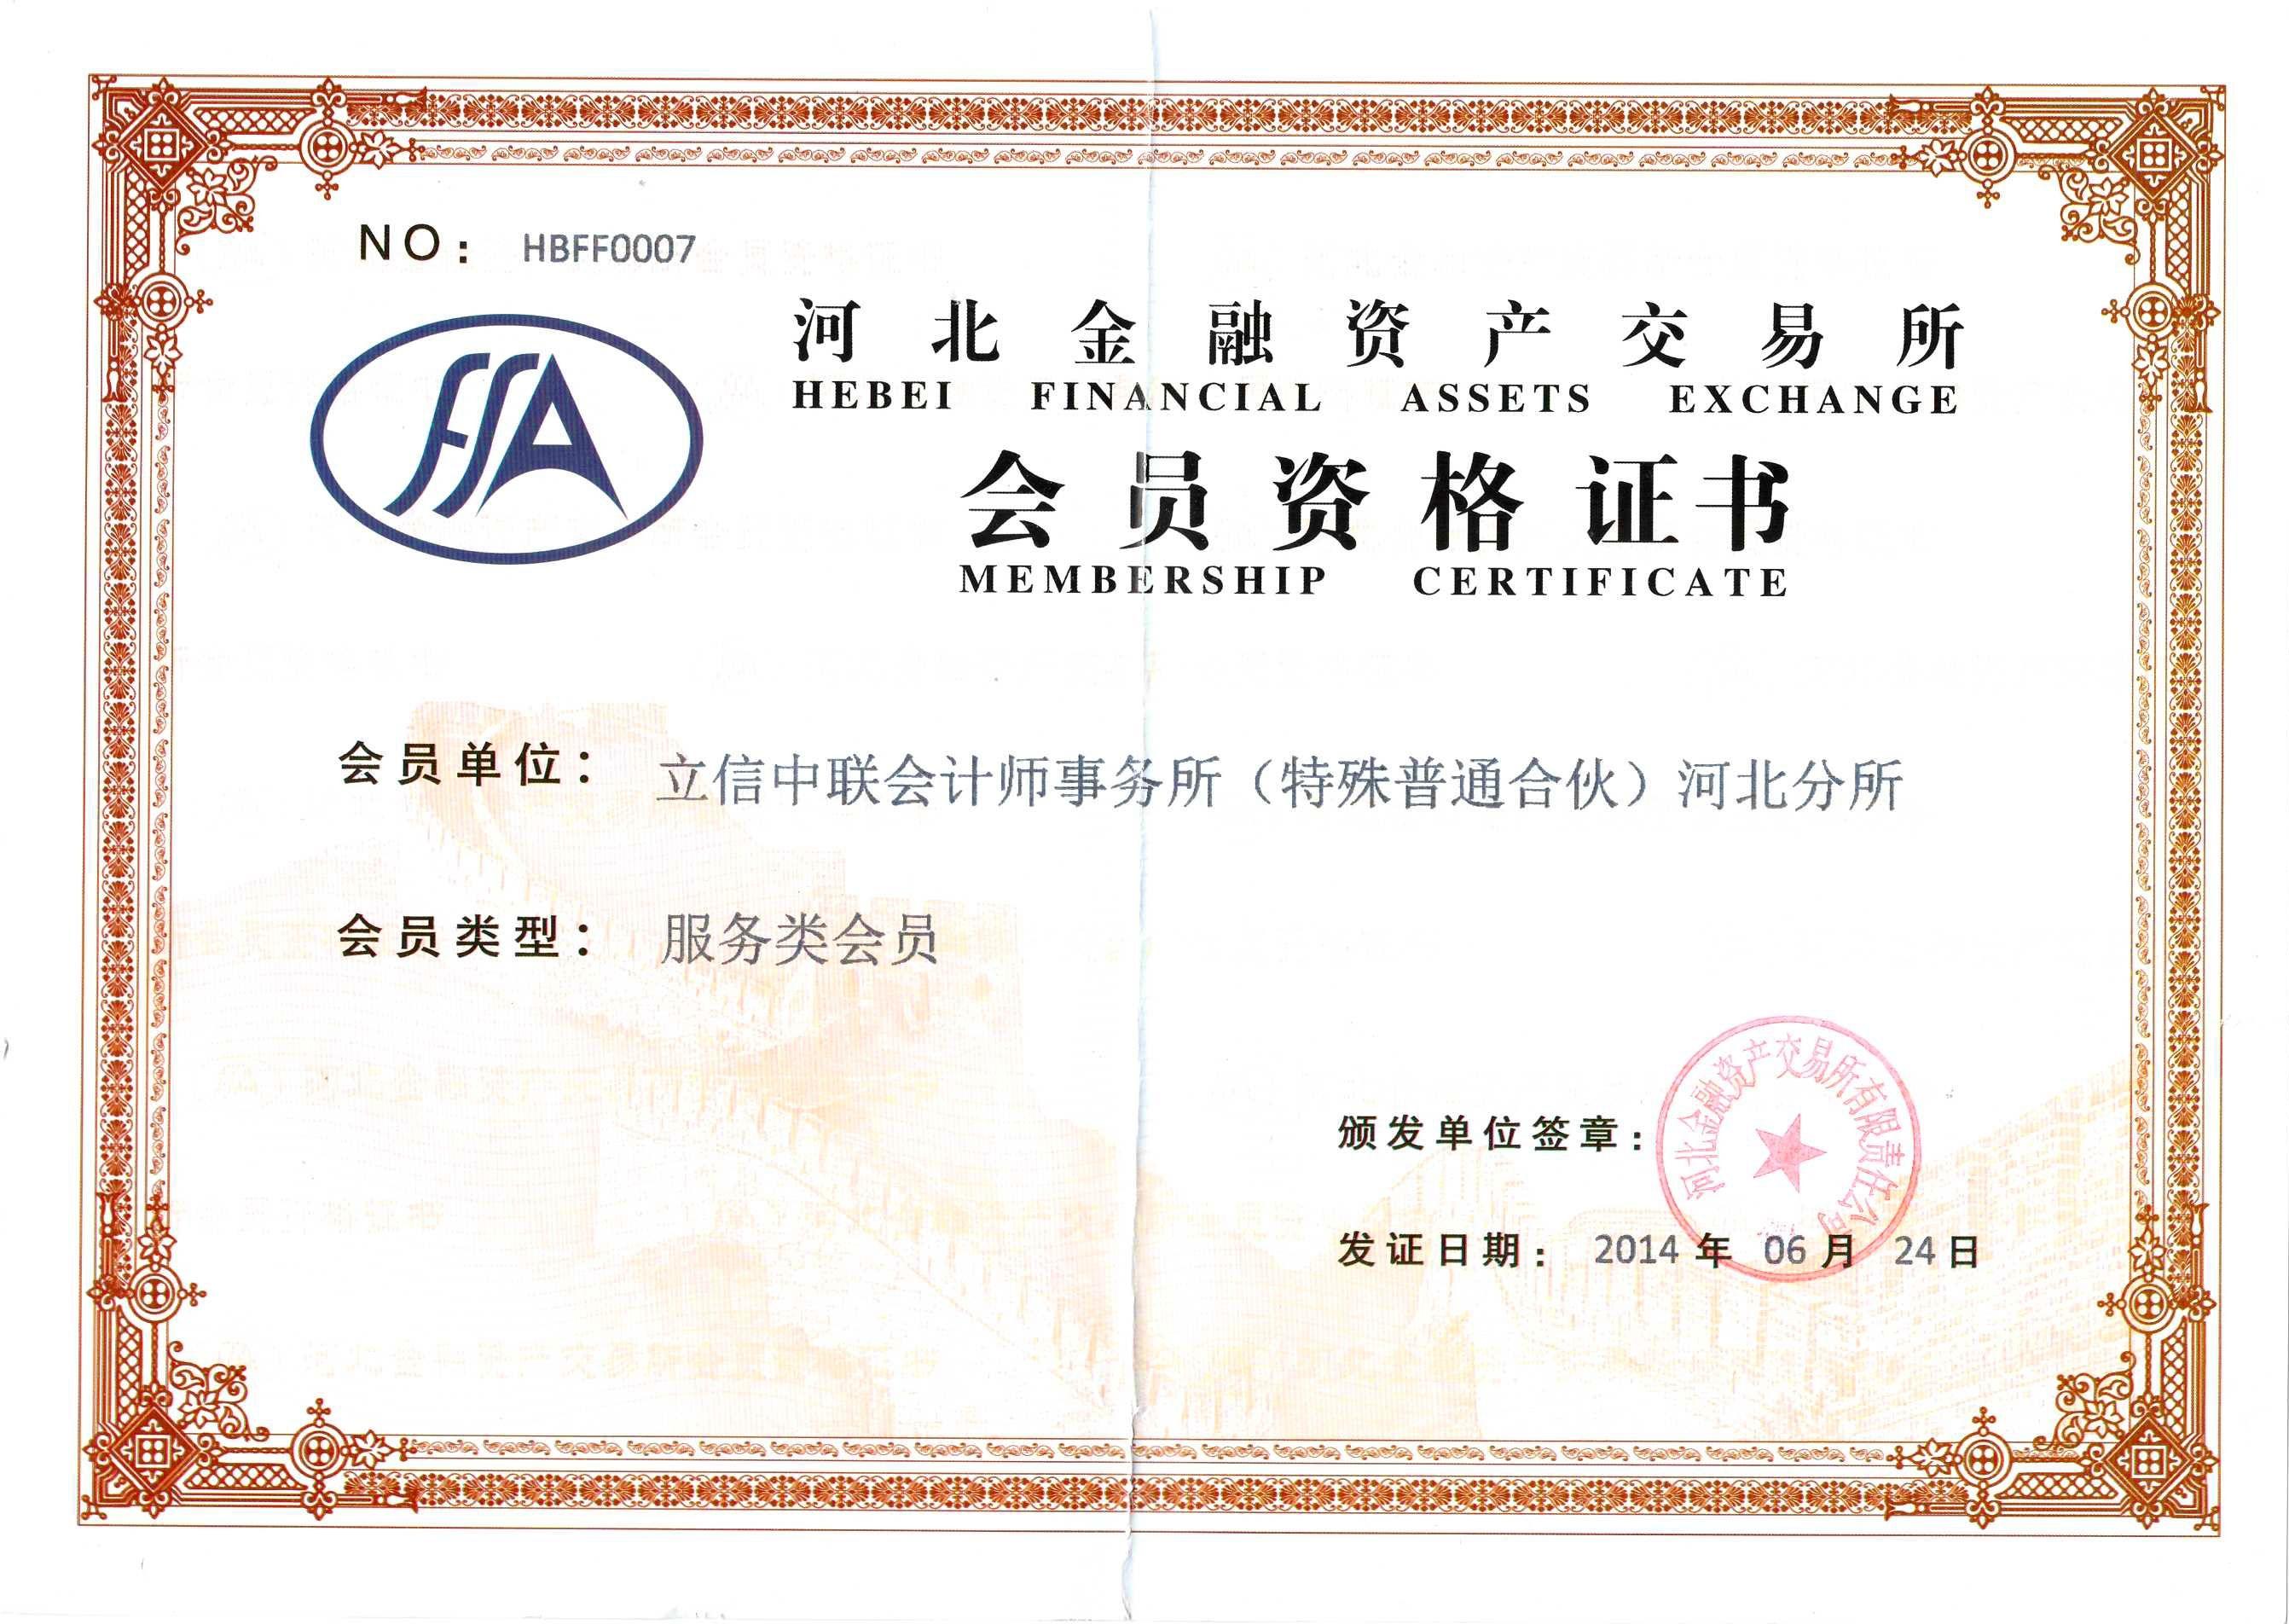 河北金融资产交易所会员单位证书